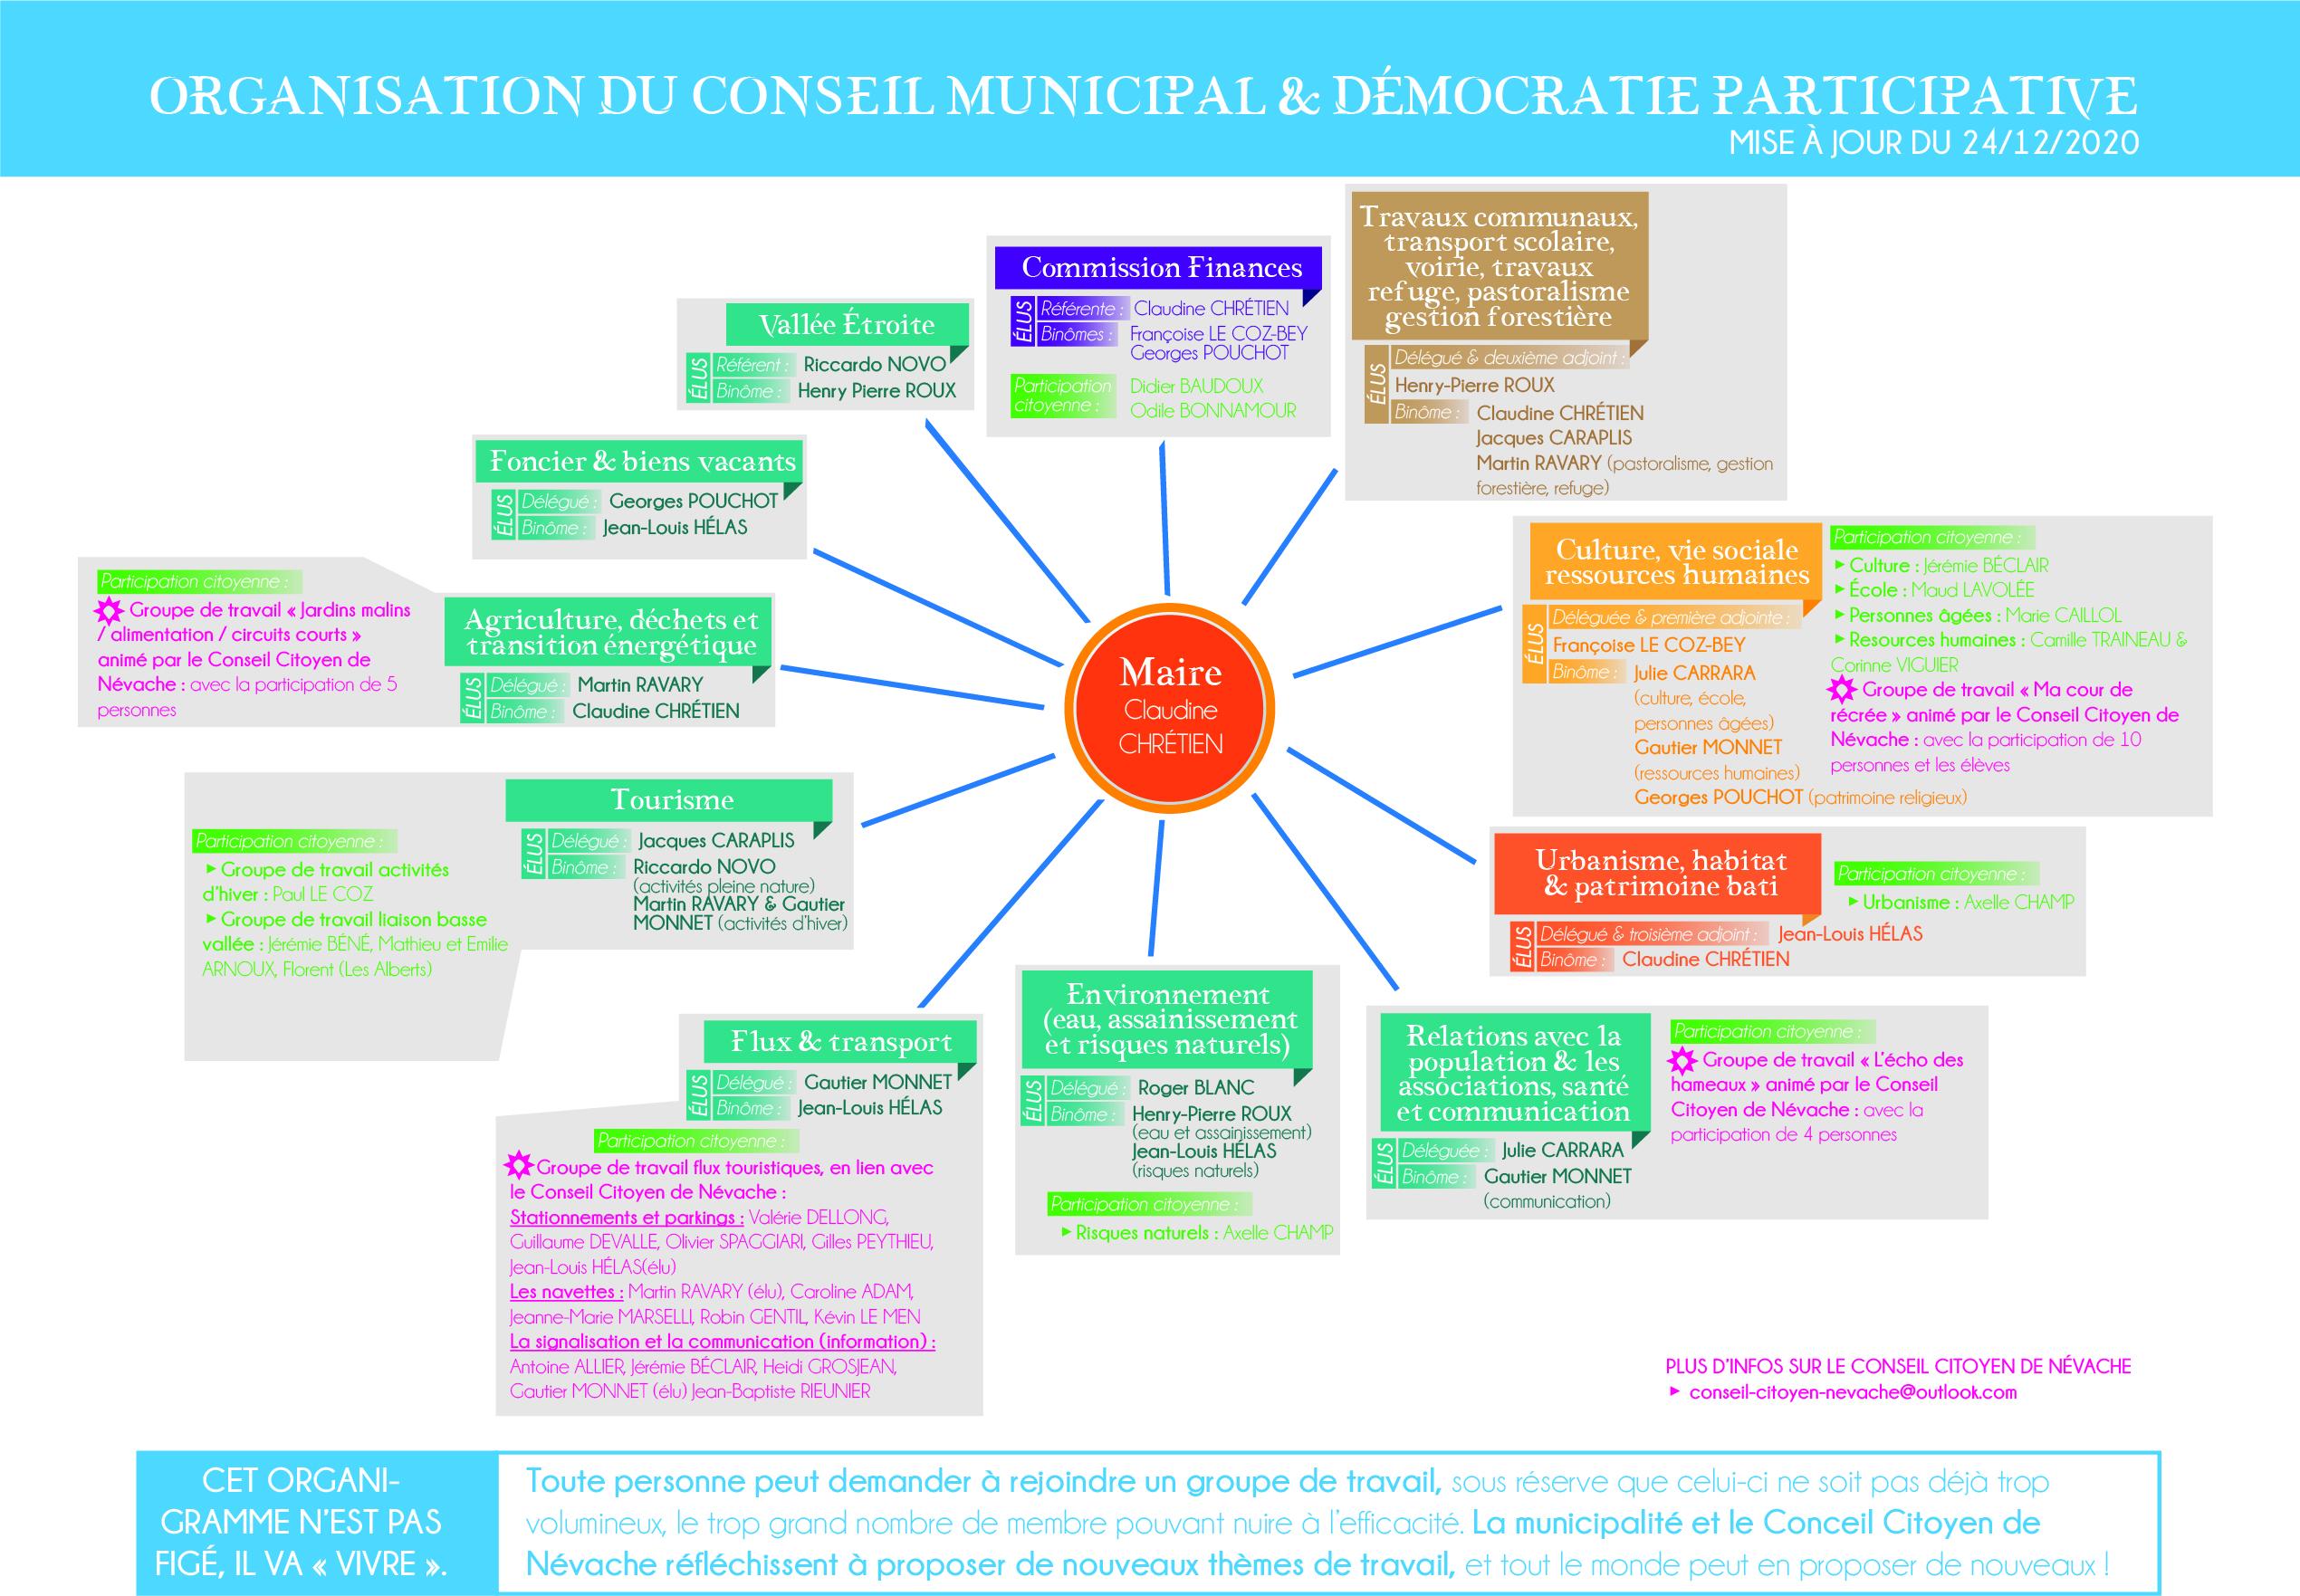 Organisation du conseil municipal de Névache et démocratie participative